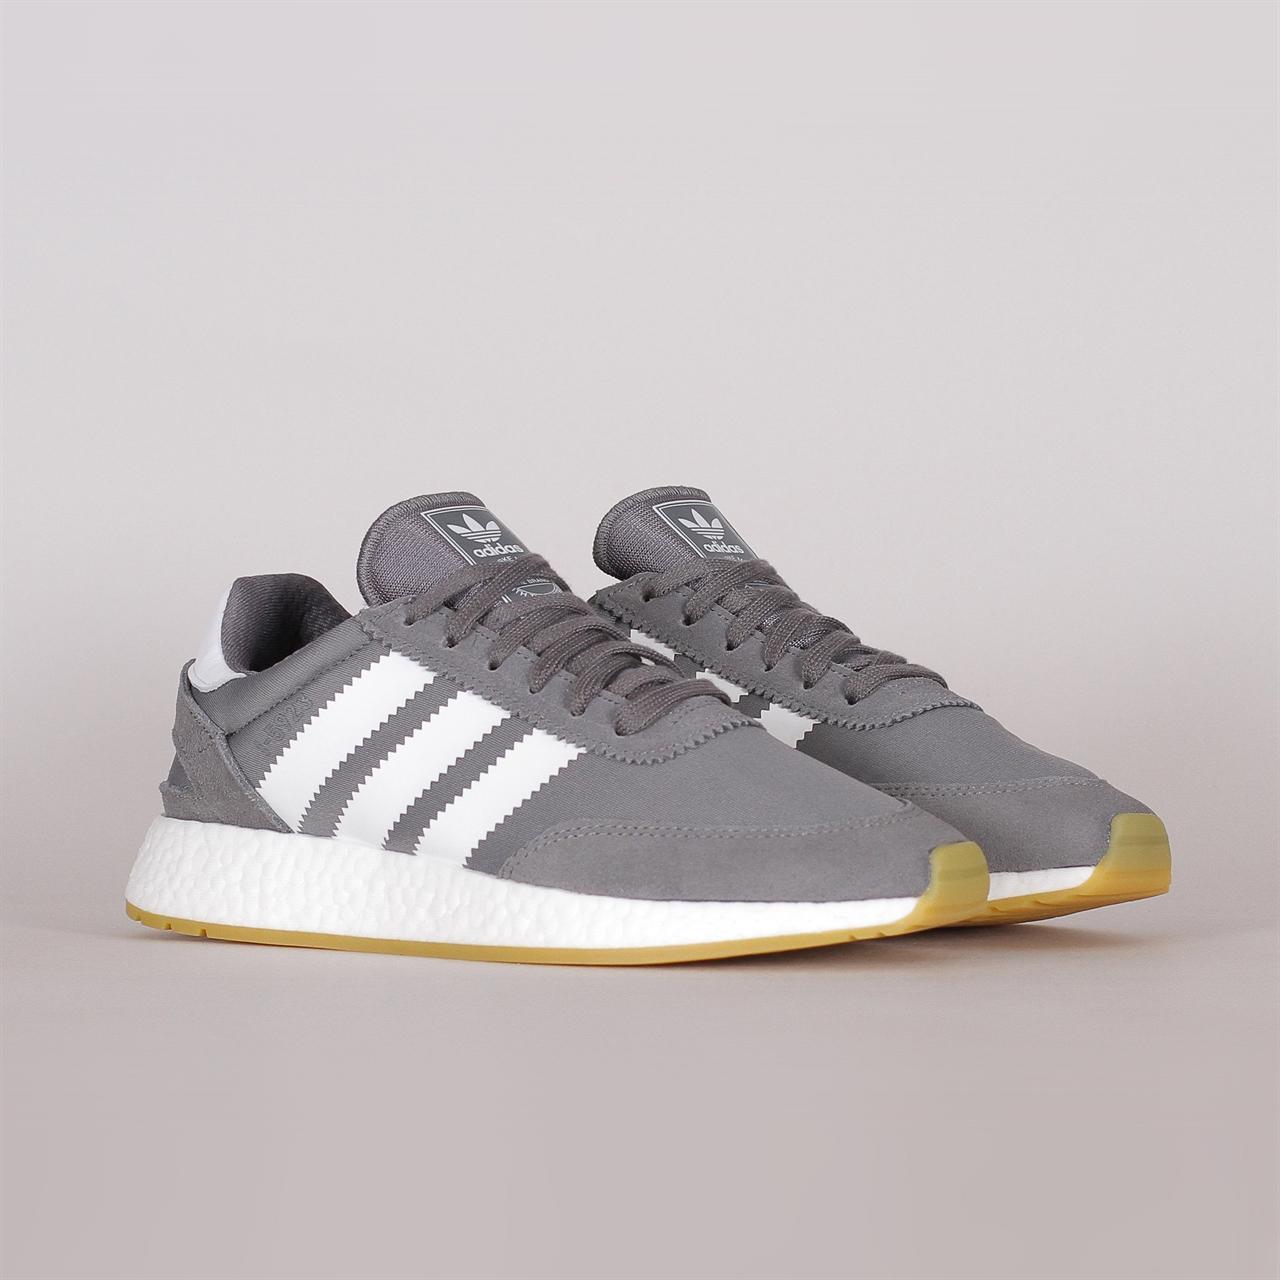 19e24ac1184b Shelta - Adidas Originals I-5923 (D97345)